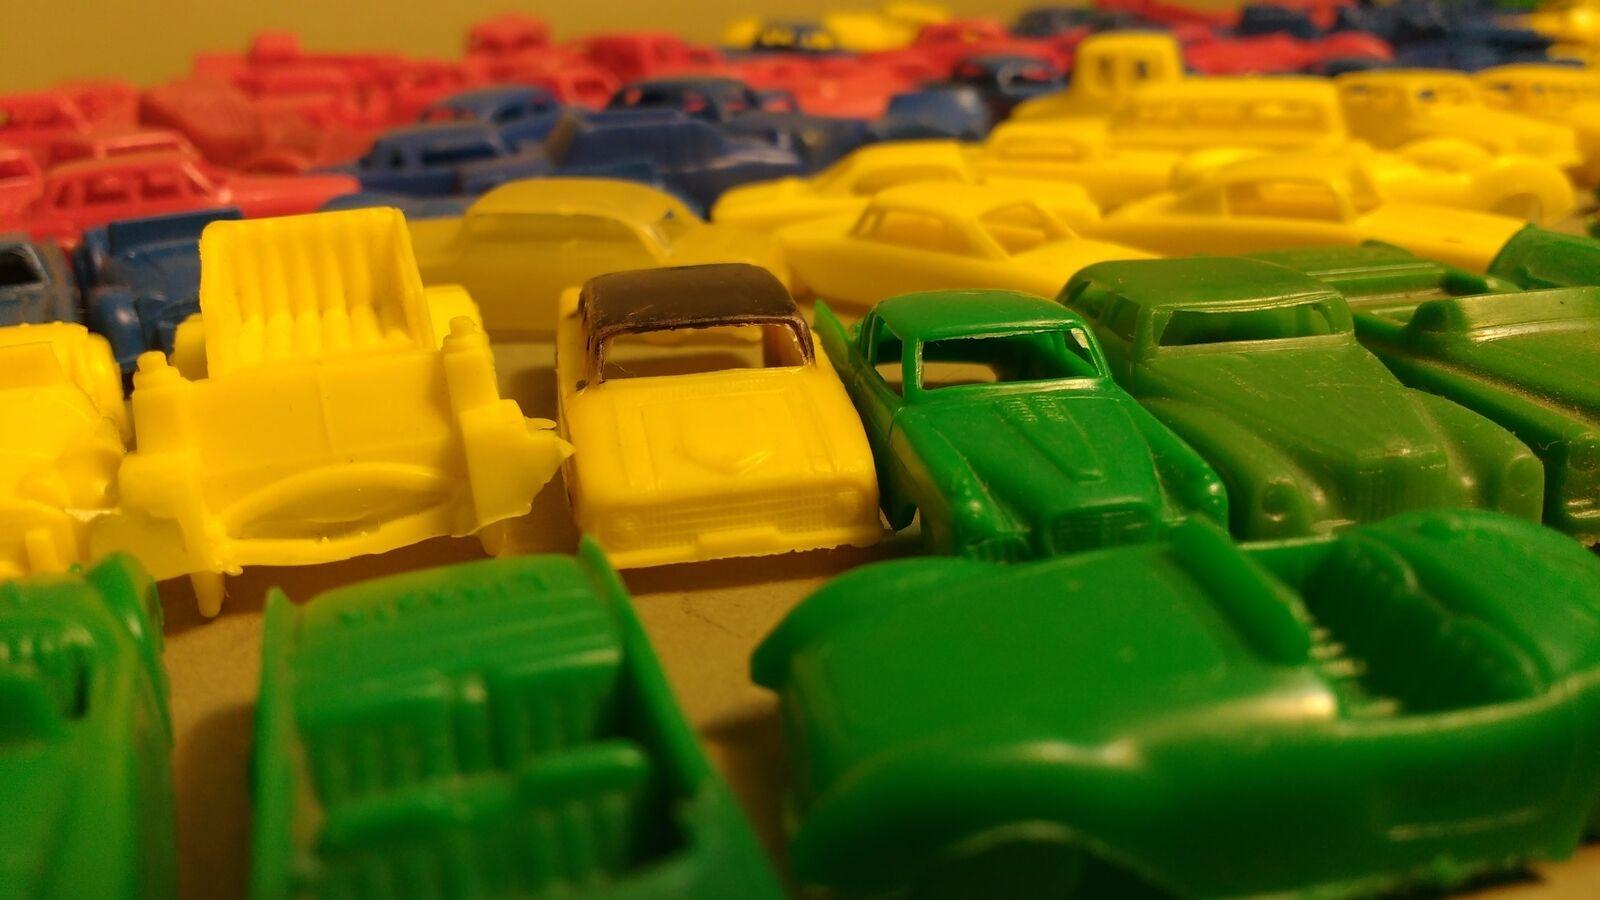 153 årgång Bearbetade plastbilar MPC USA STORA BRITANNIEN Diverse färger